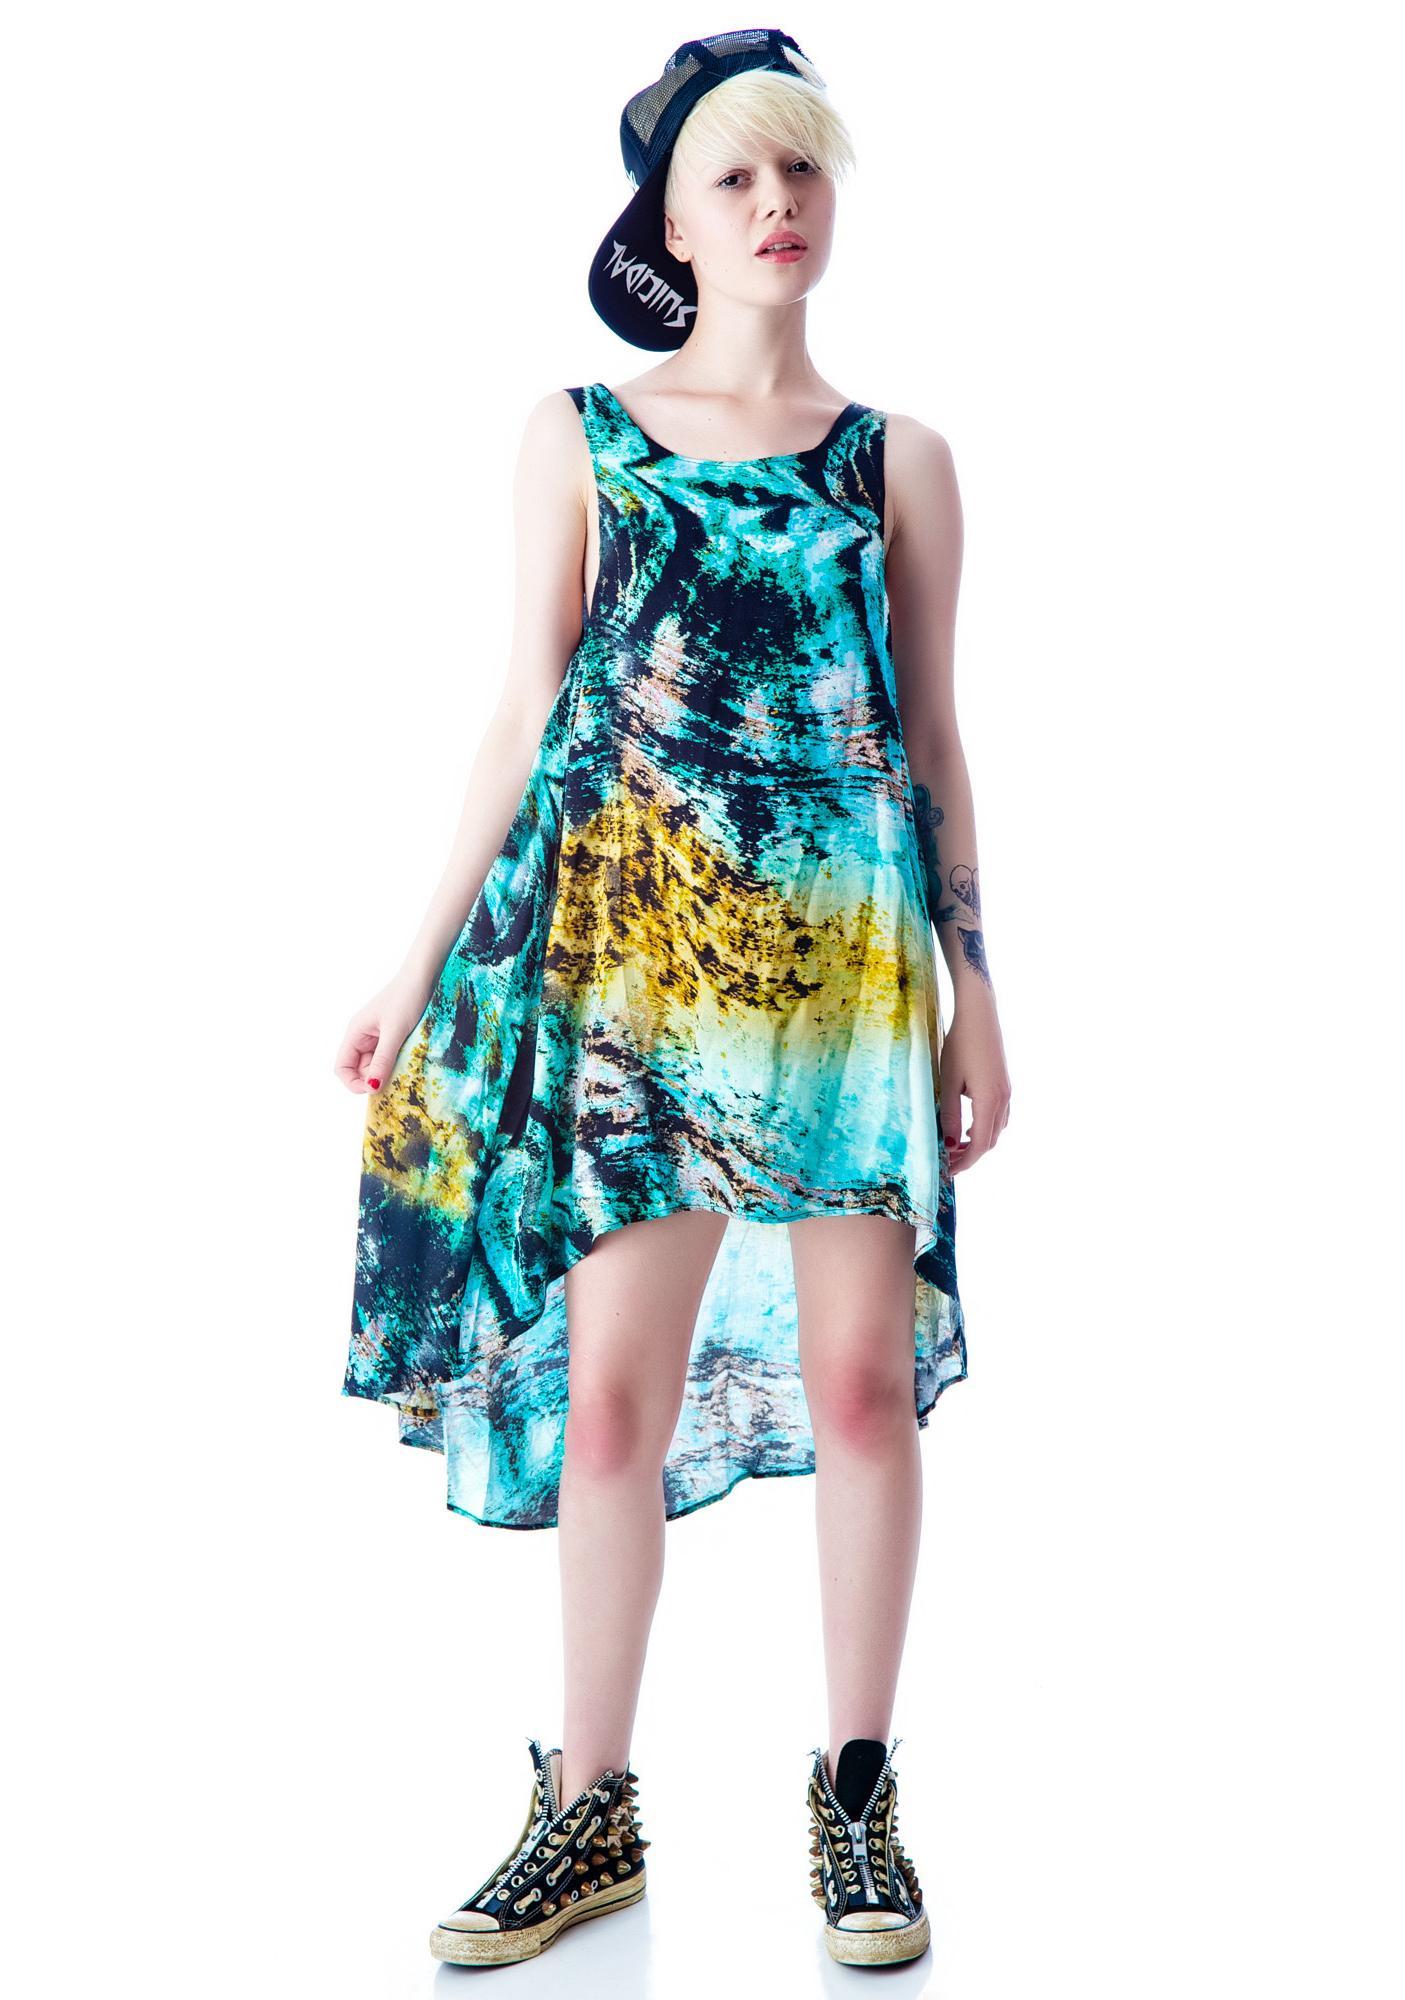 Twiin Mystic Moment Woven Tank Dress